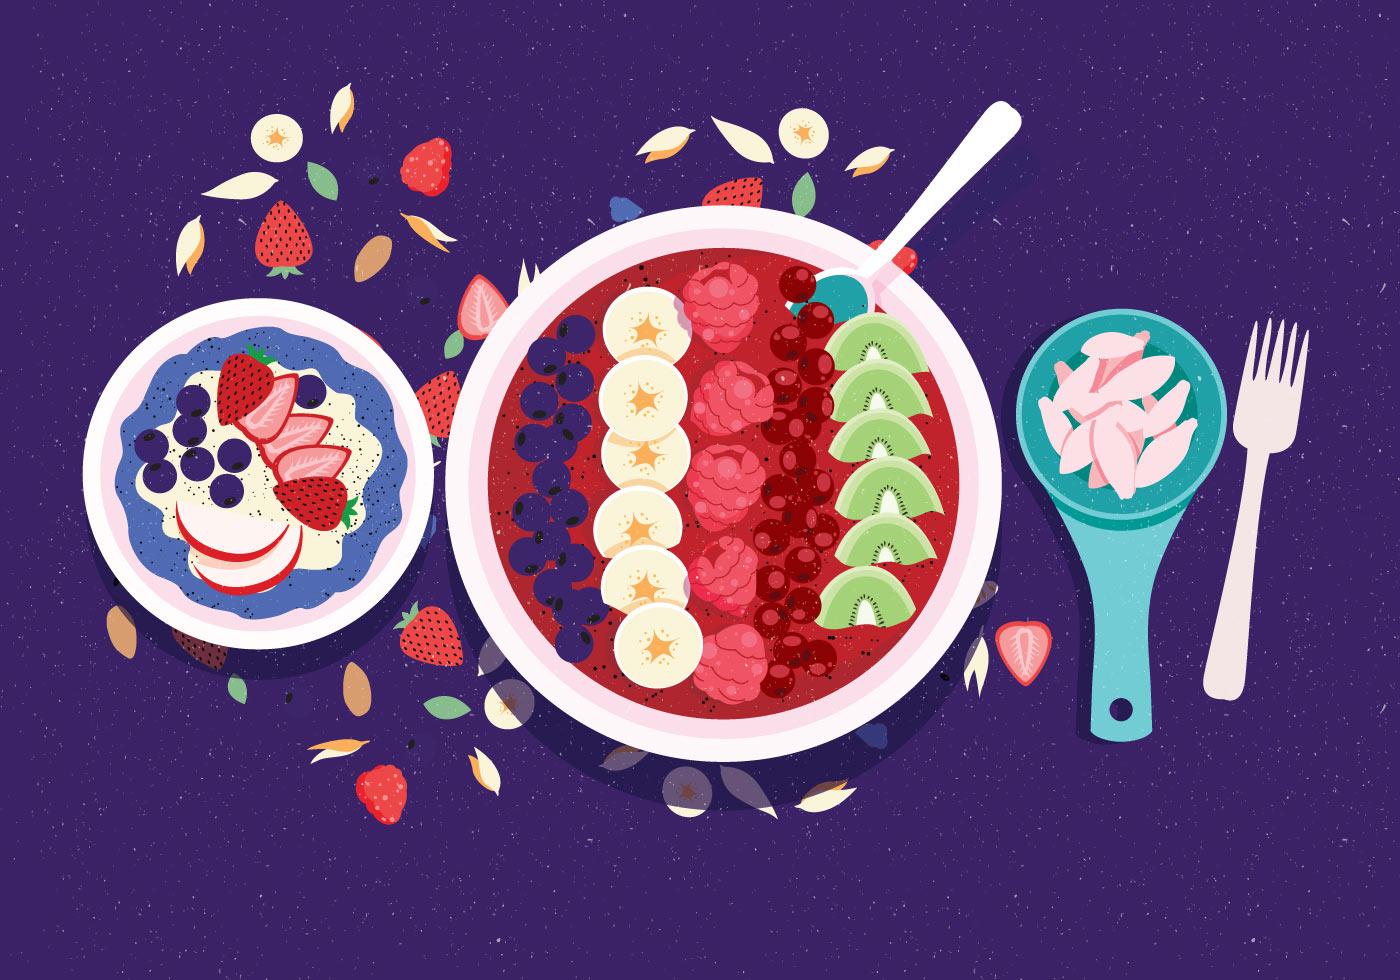 食物圖片 免費下載 | 天天瘋後製